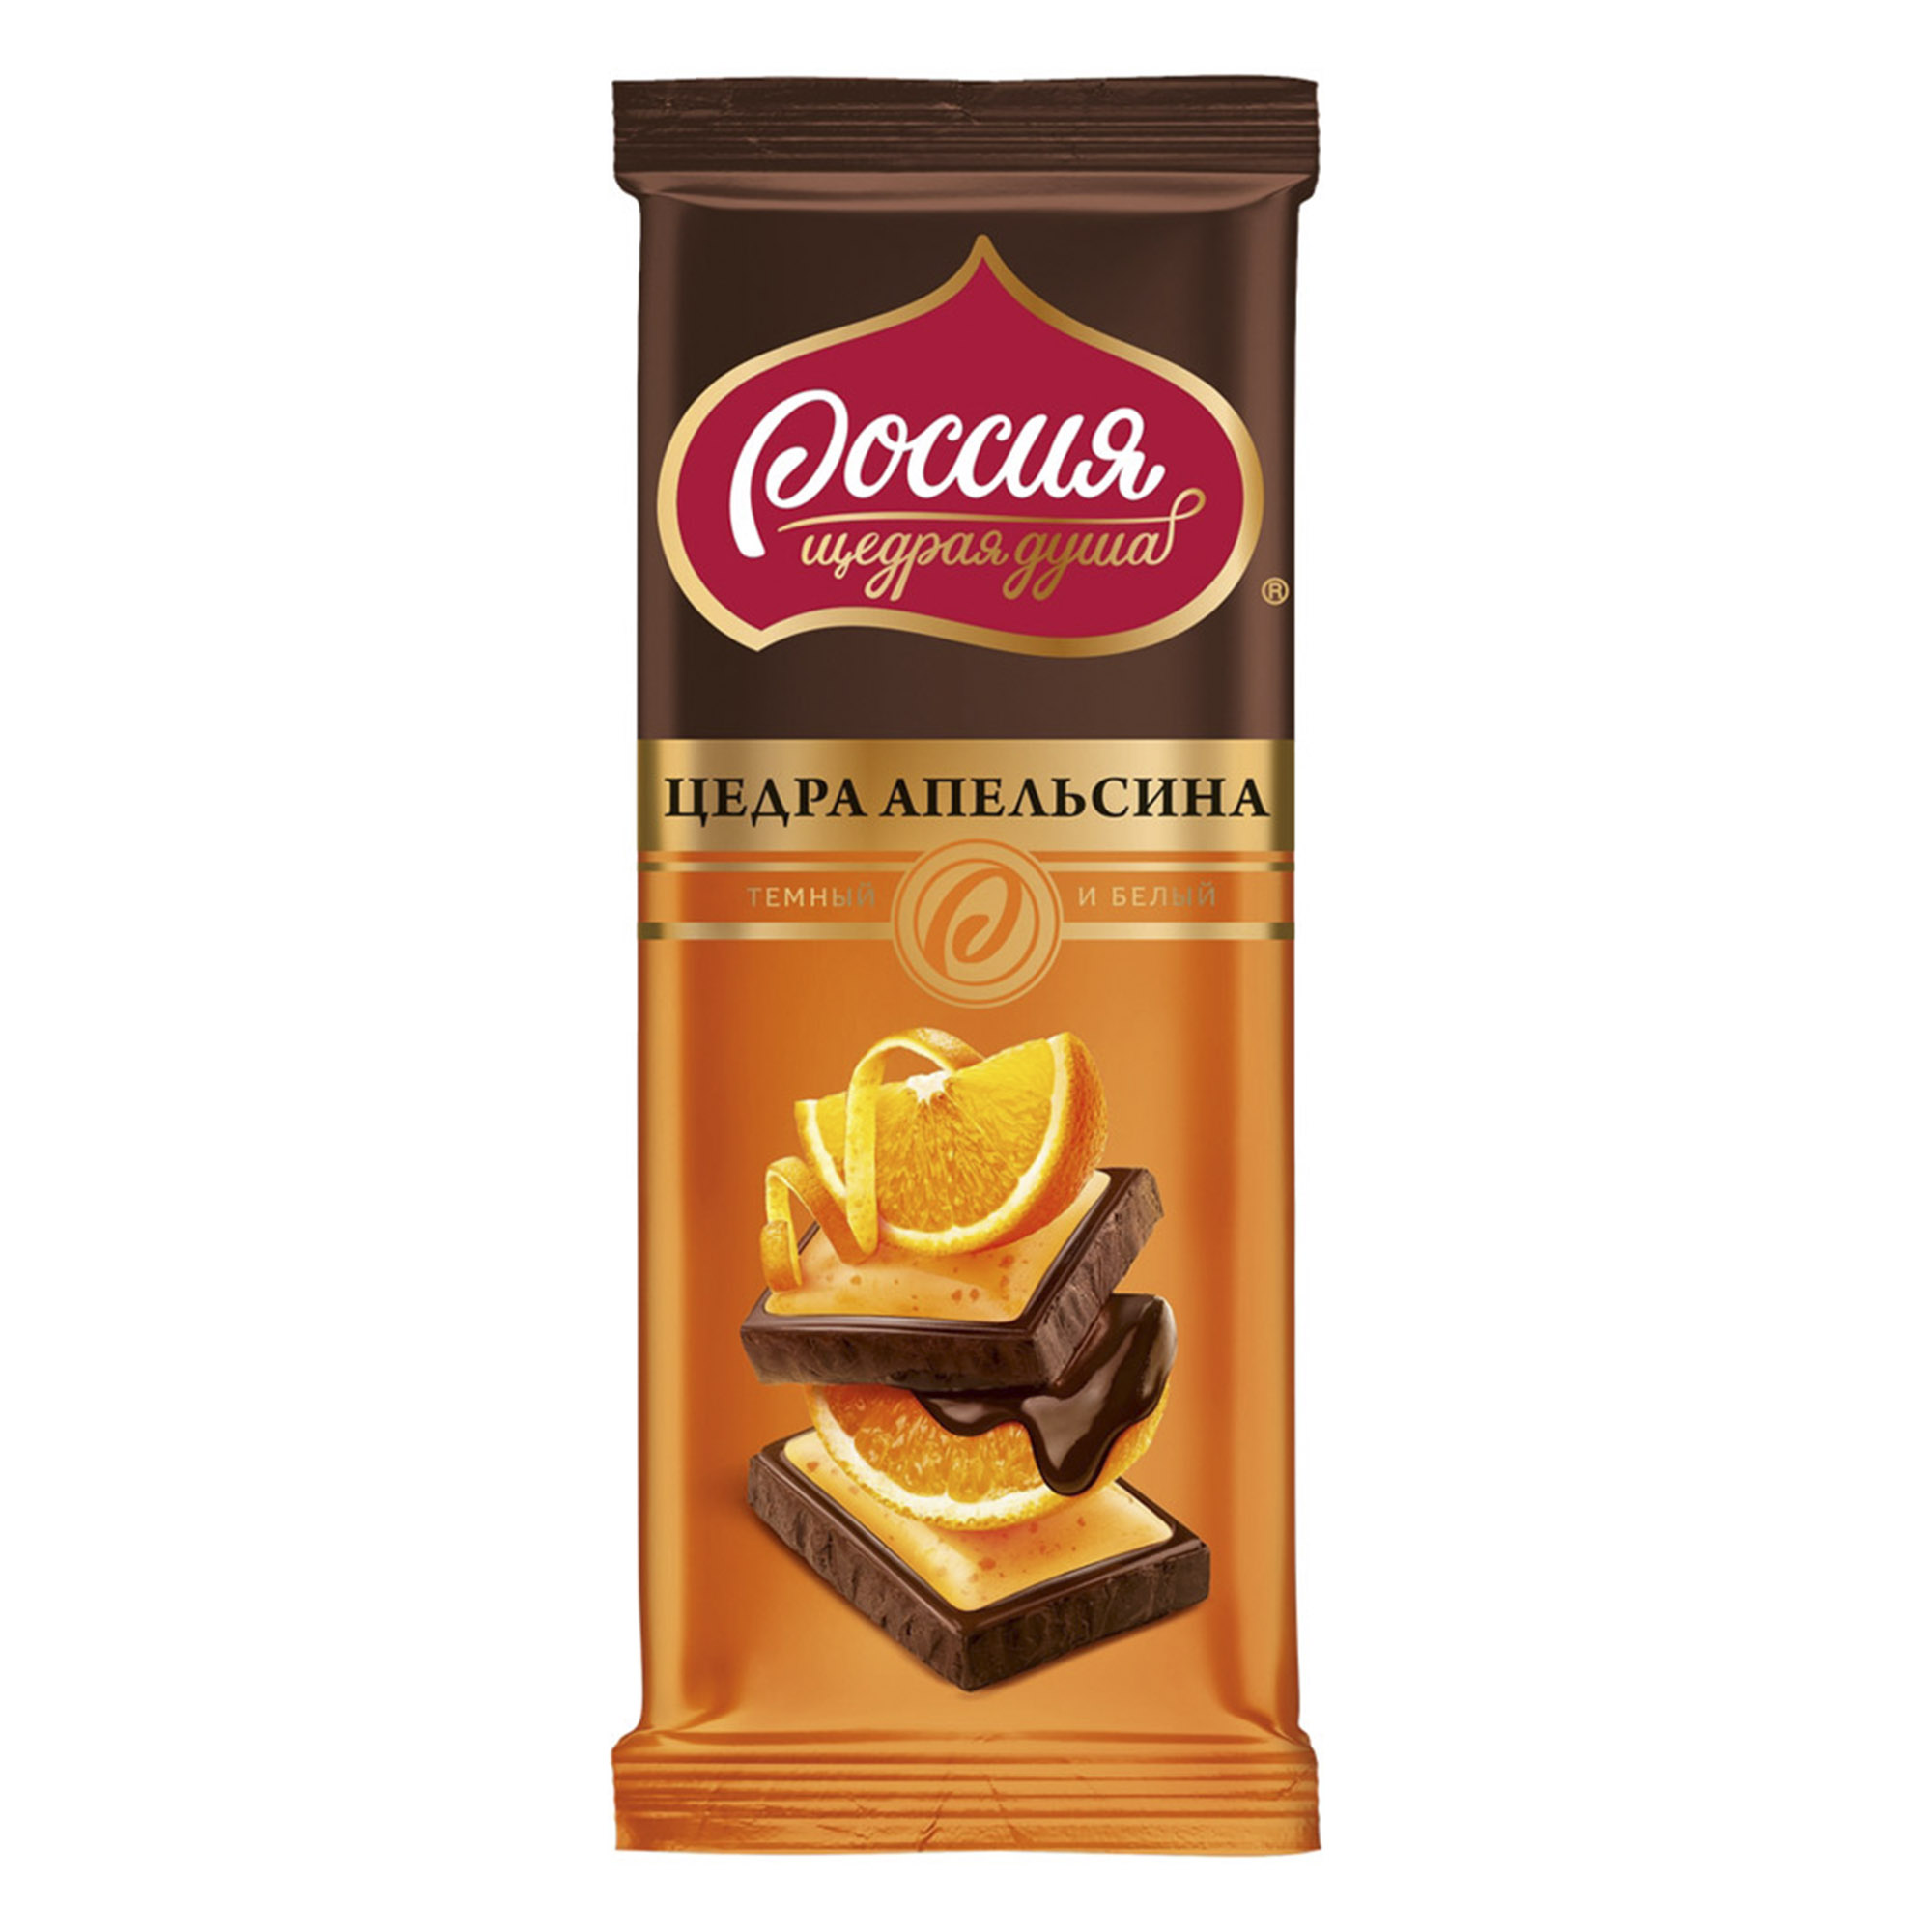 шоколад россия щедрая душа белый дуэт в карамельном 85 г Шоколад Россия щедрая душа темный и белый с цедрой апельсина 85 г